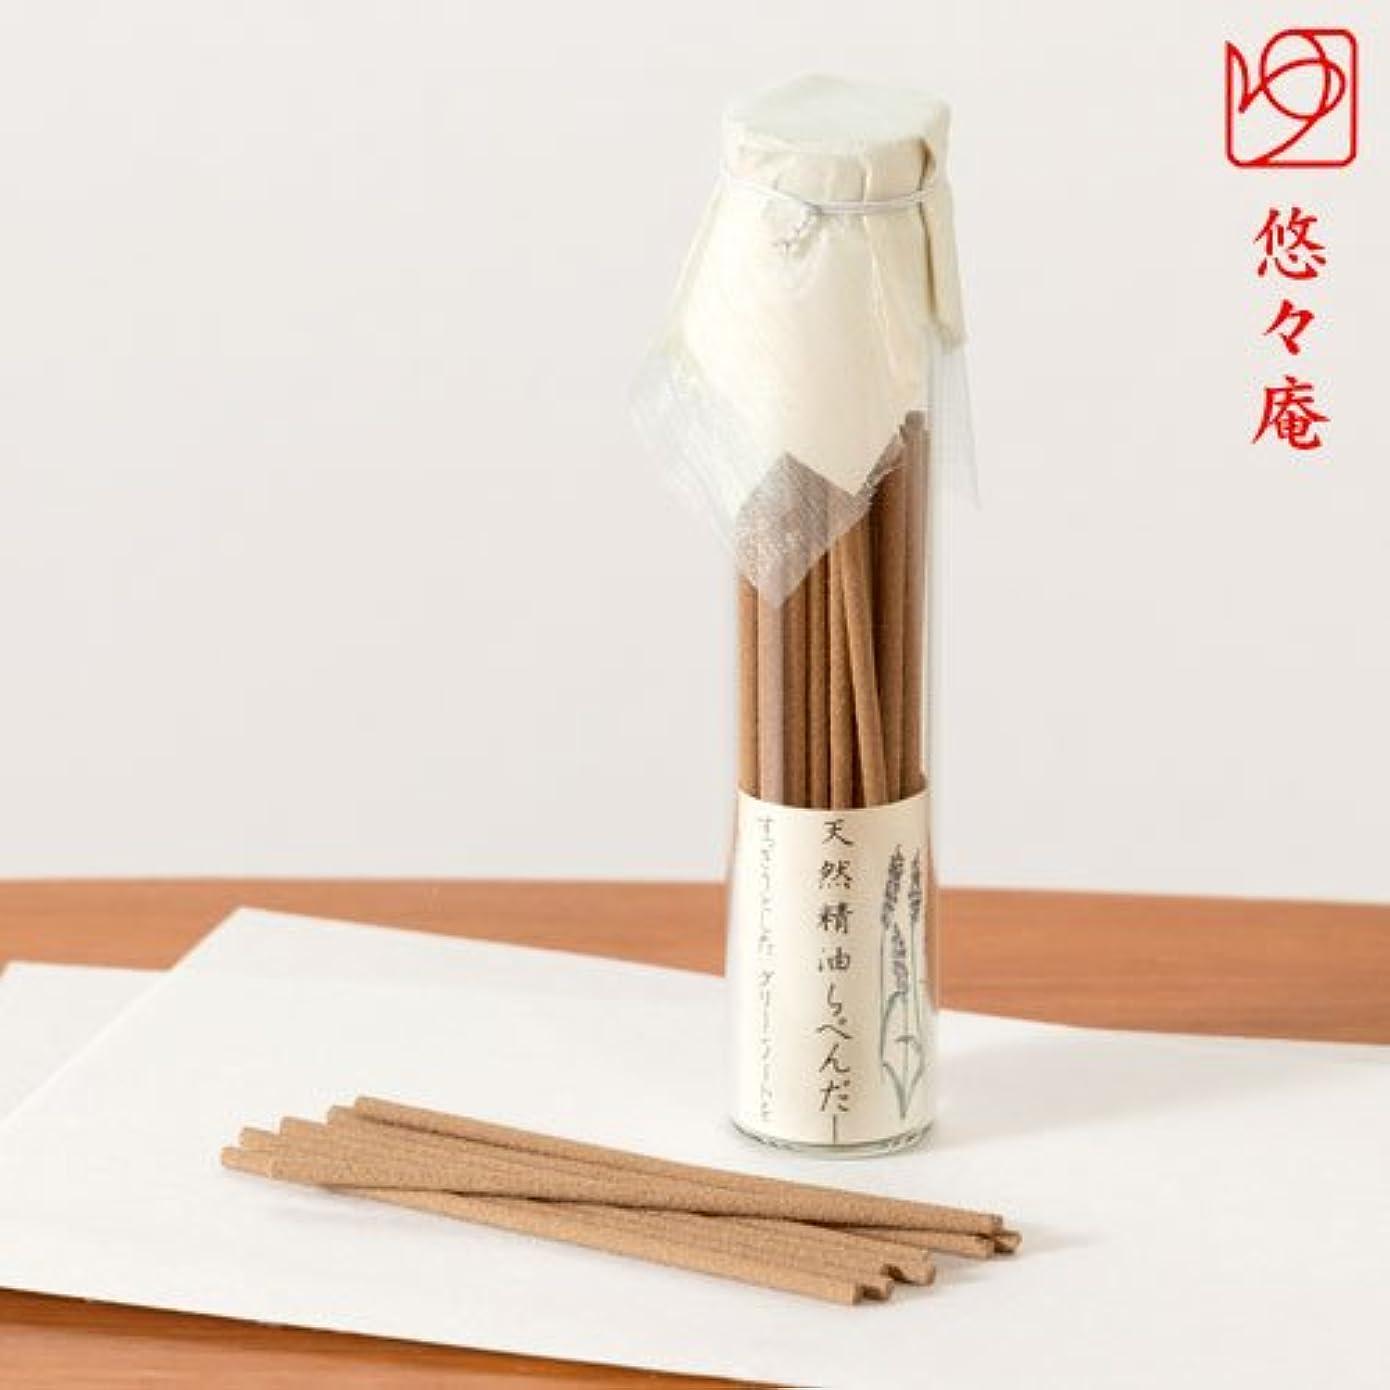 スティックお香天然精油のお線香らべんだーの丘ガラスビン入悠々庵Incense stick of natural essential oil